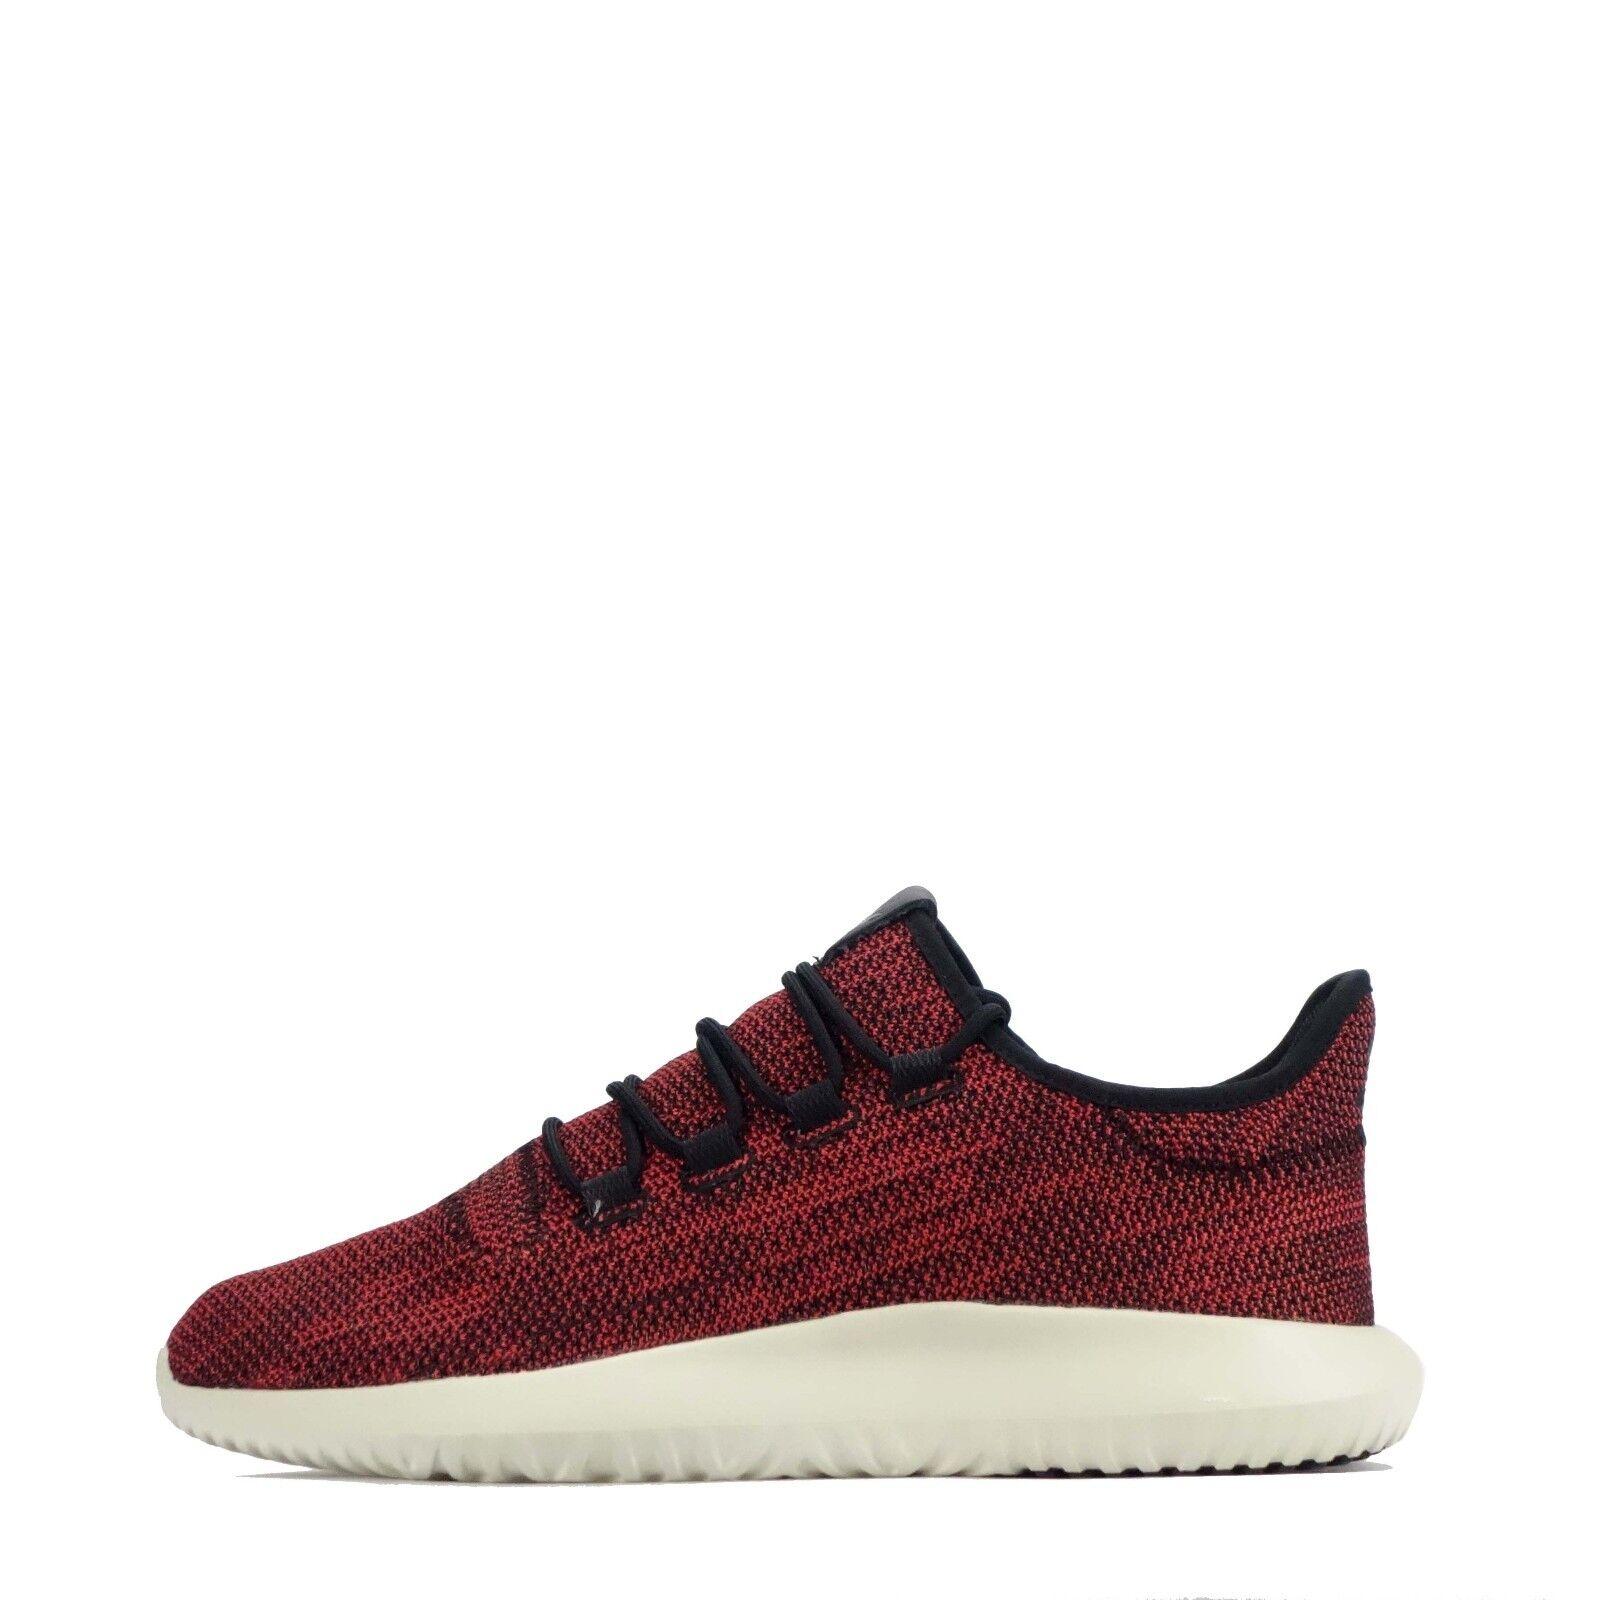 Zapatillas bajas de hombre Color gris tejidas Shadow CK de adidas Originals, color rojo / negro